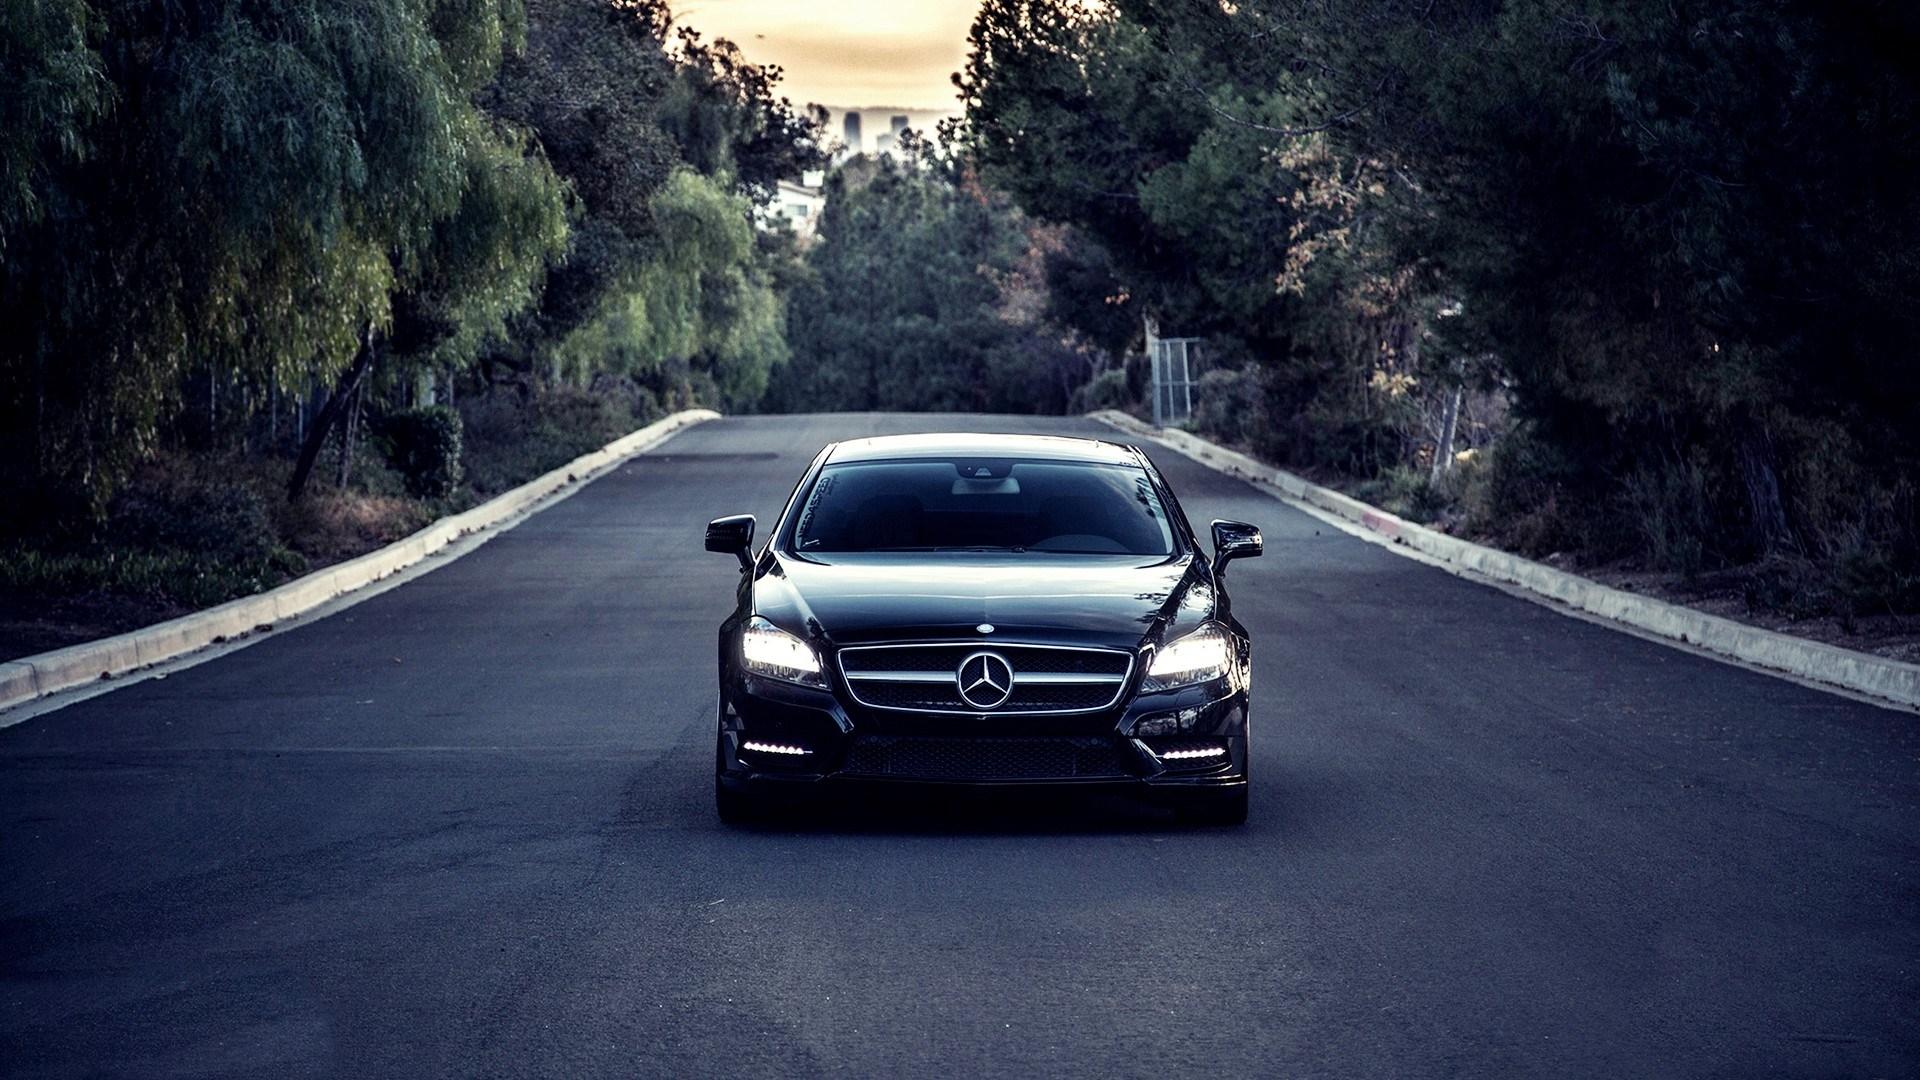 Mercedes Benz HD Wallpaper 1920x1080